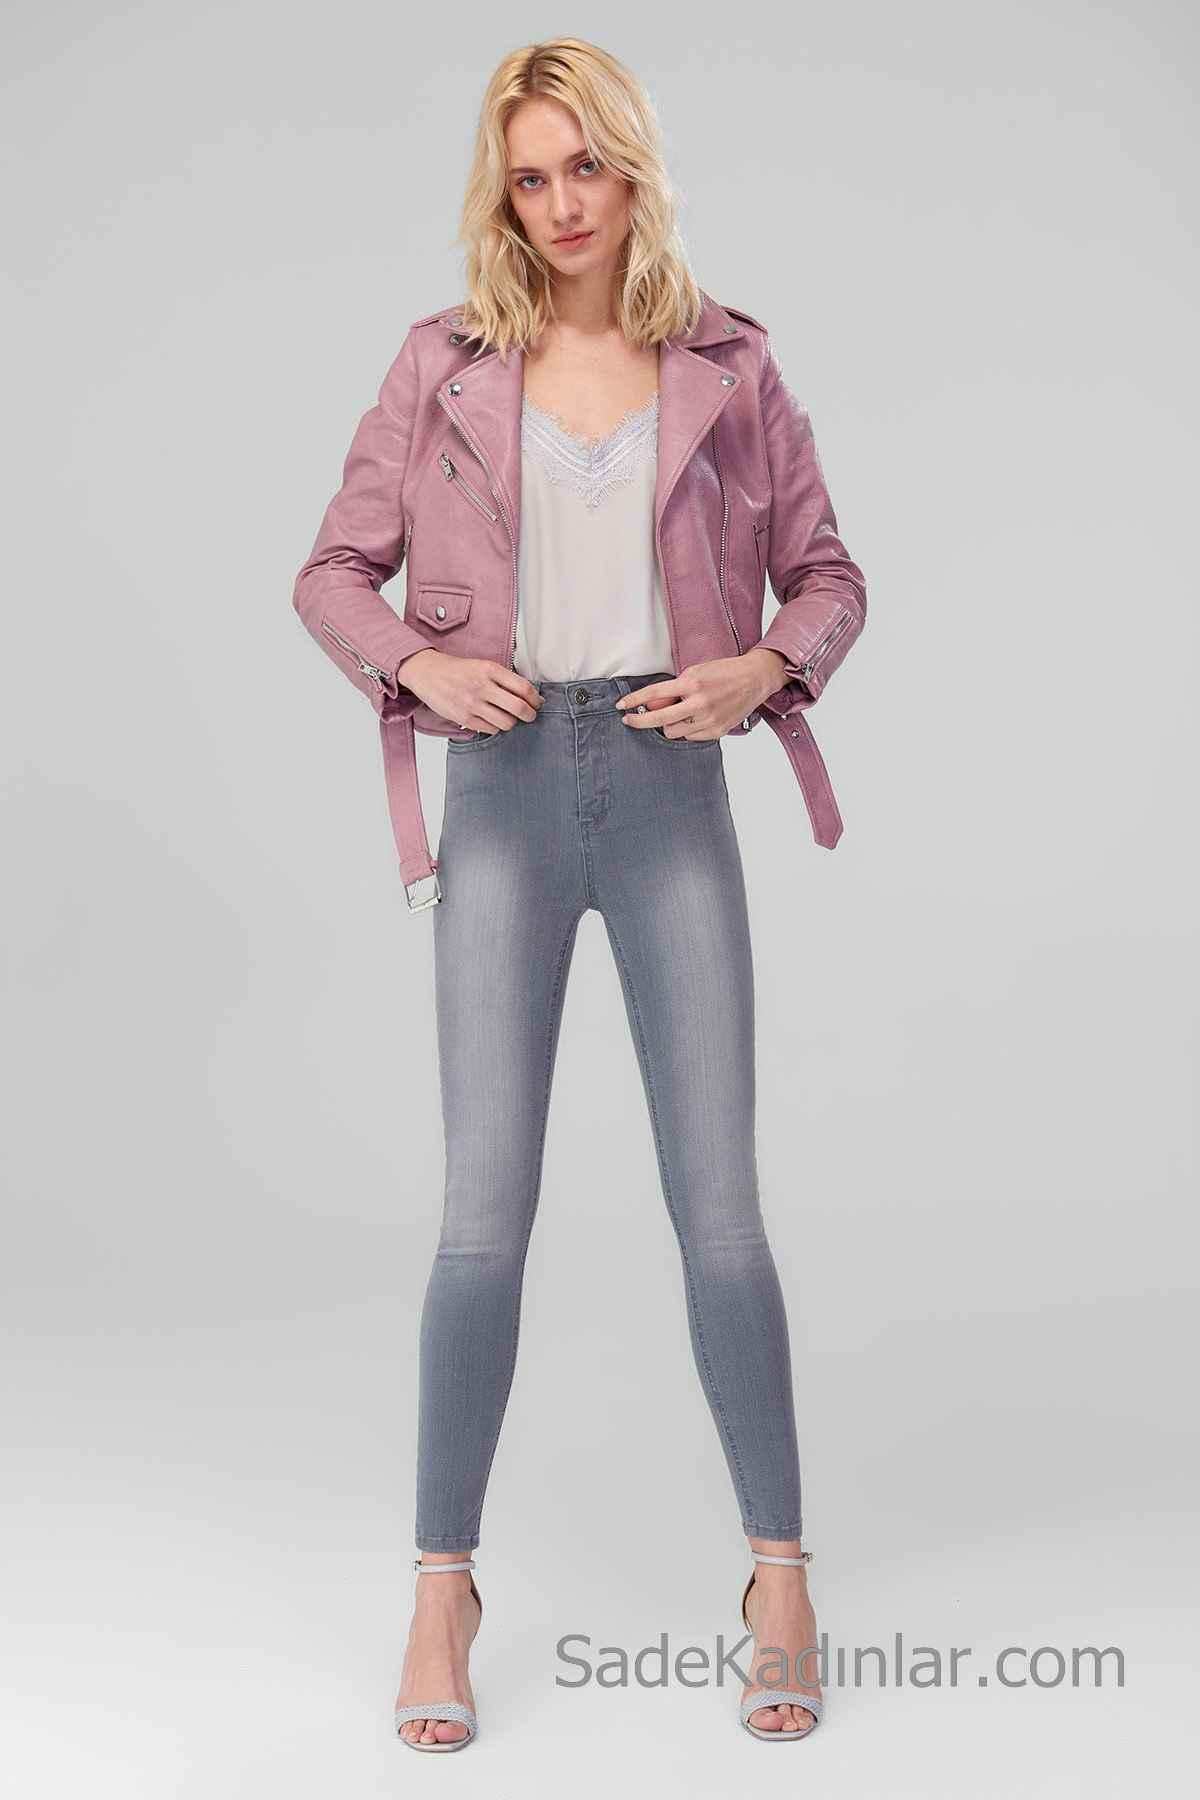 Pantolon Kombinleri Gri Yüksel Bel Pantolon Gri V Yakalı Bluz Pembe Kısa Deri Ceket